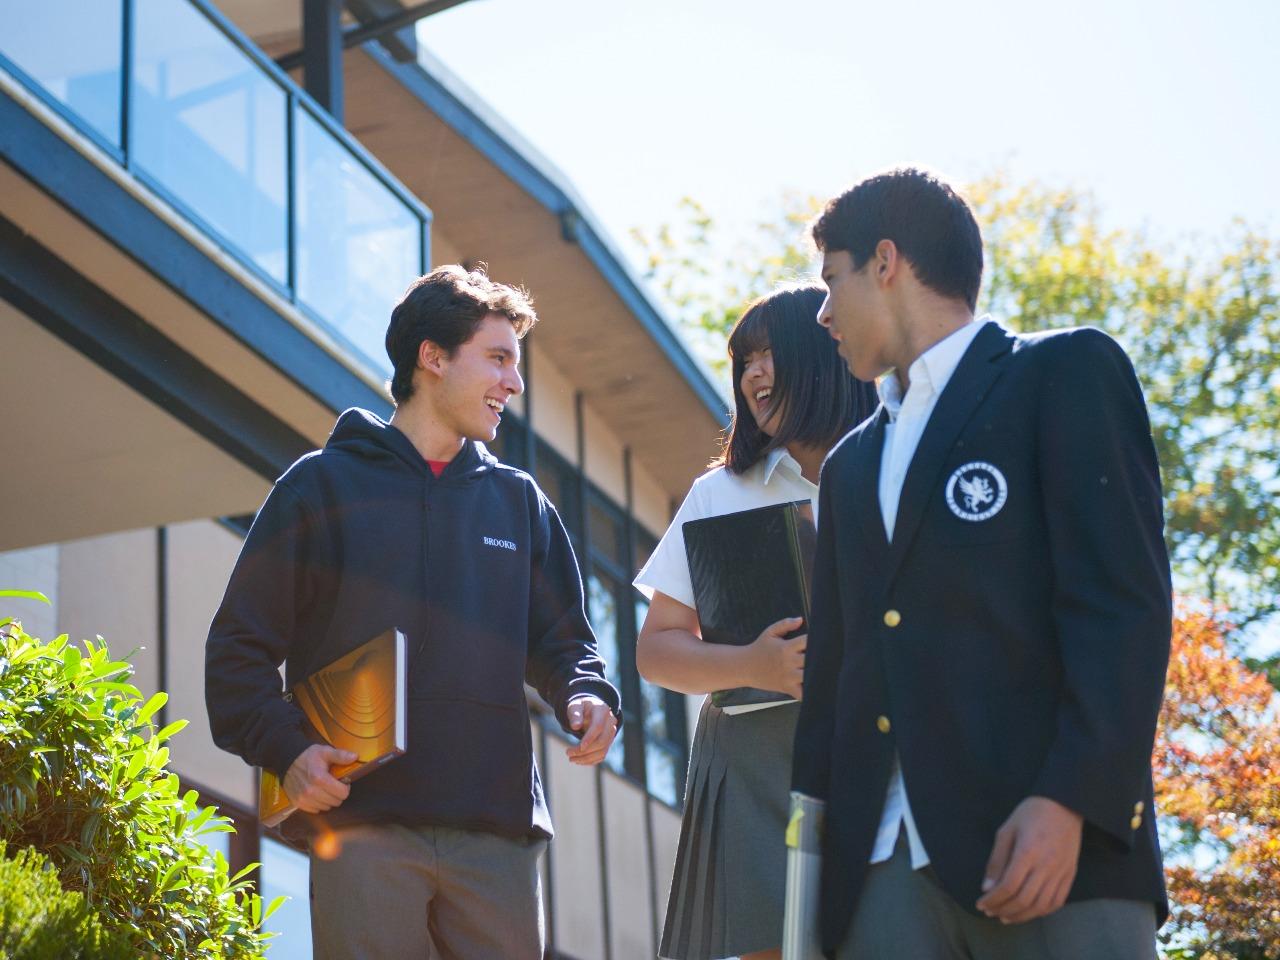 ISI国際学院 高校留学 ISIサポート ISIの特徴 よくある質問 Q&A